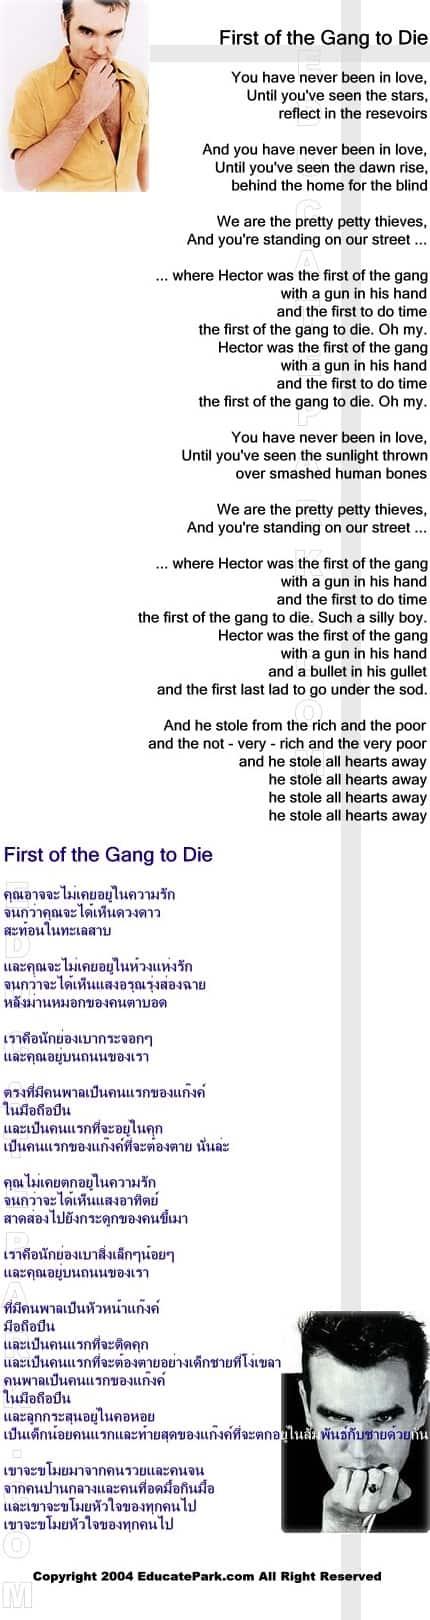 แปลเพลง First of the Gang to Die - Morrissey